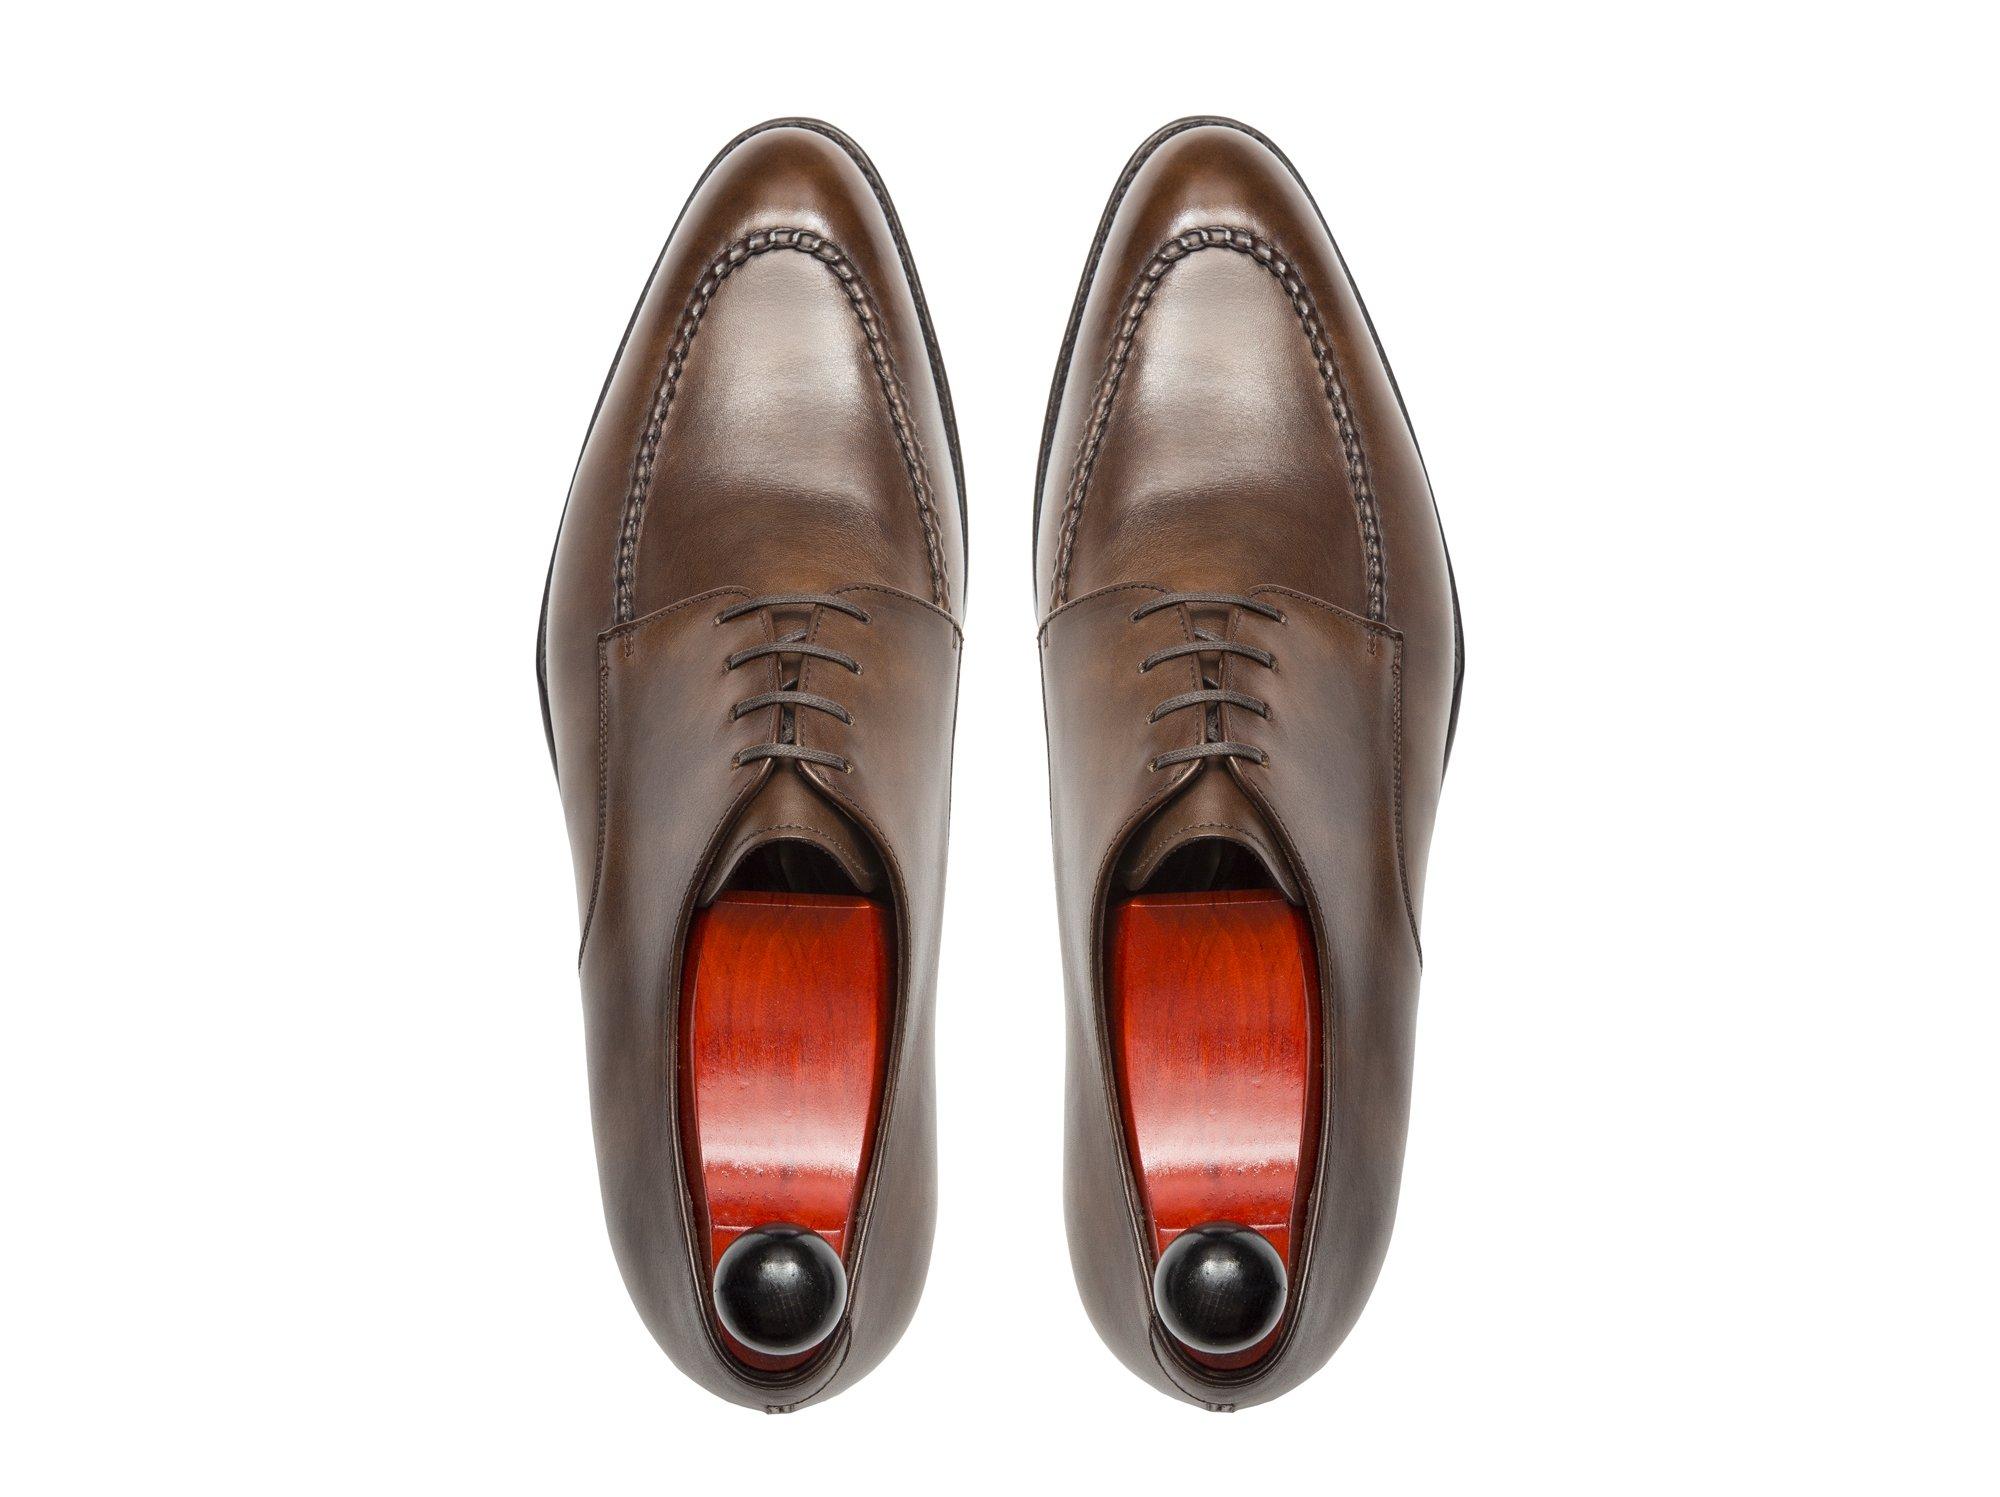 J.FitzPatrick Footwear SEA Last